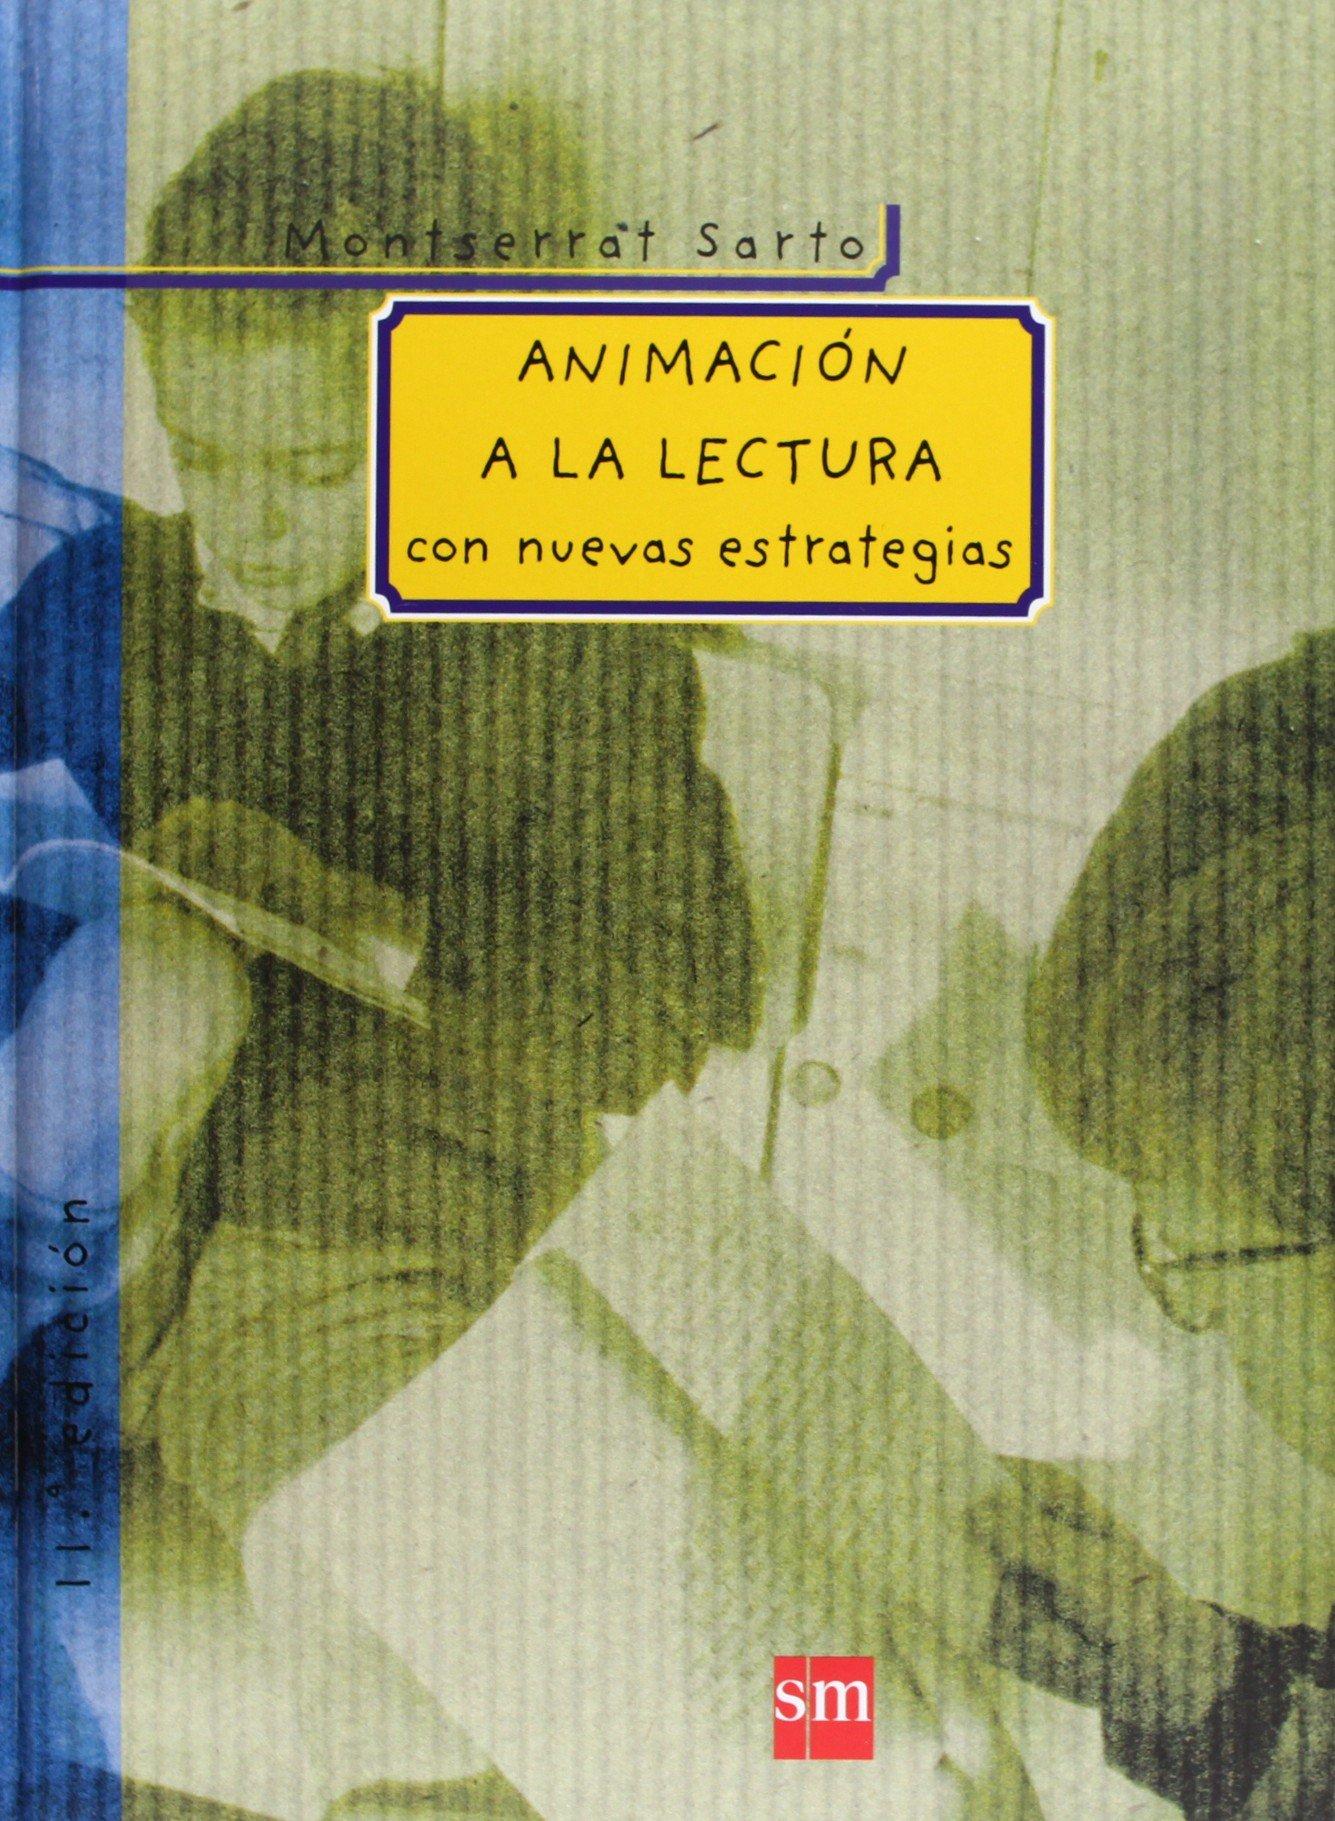 Animación a la lectura: con nuevas estrategias (Padres y maestros) Tapa dura – 25 mar 2002 Montserrat Sarto José Antonio Marina EDICIONES SM 8434862956